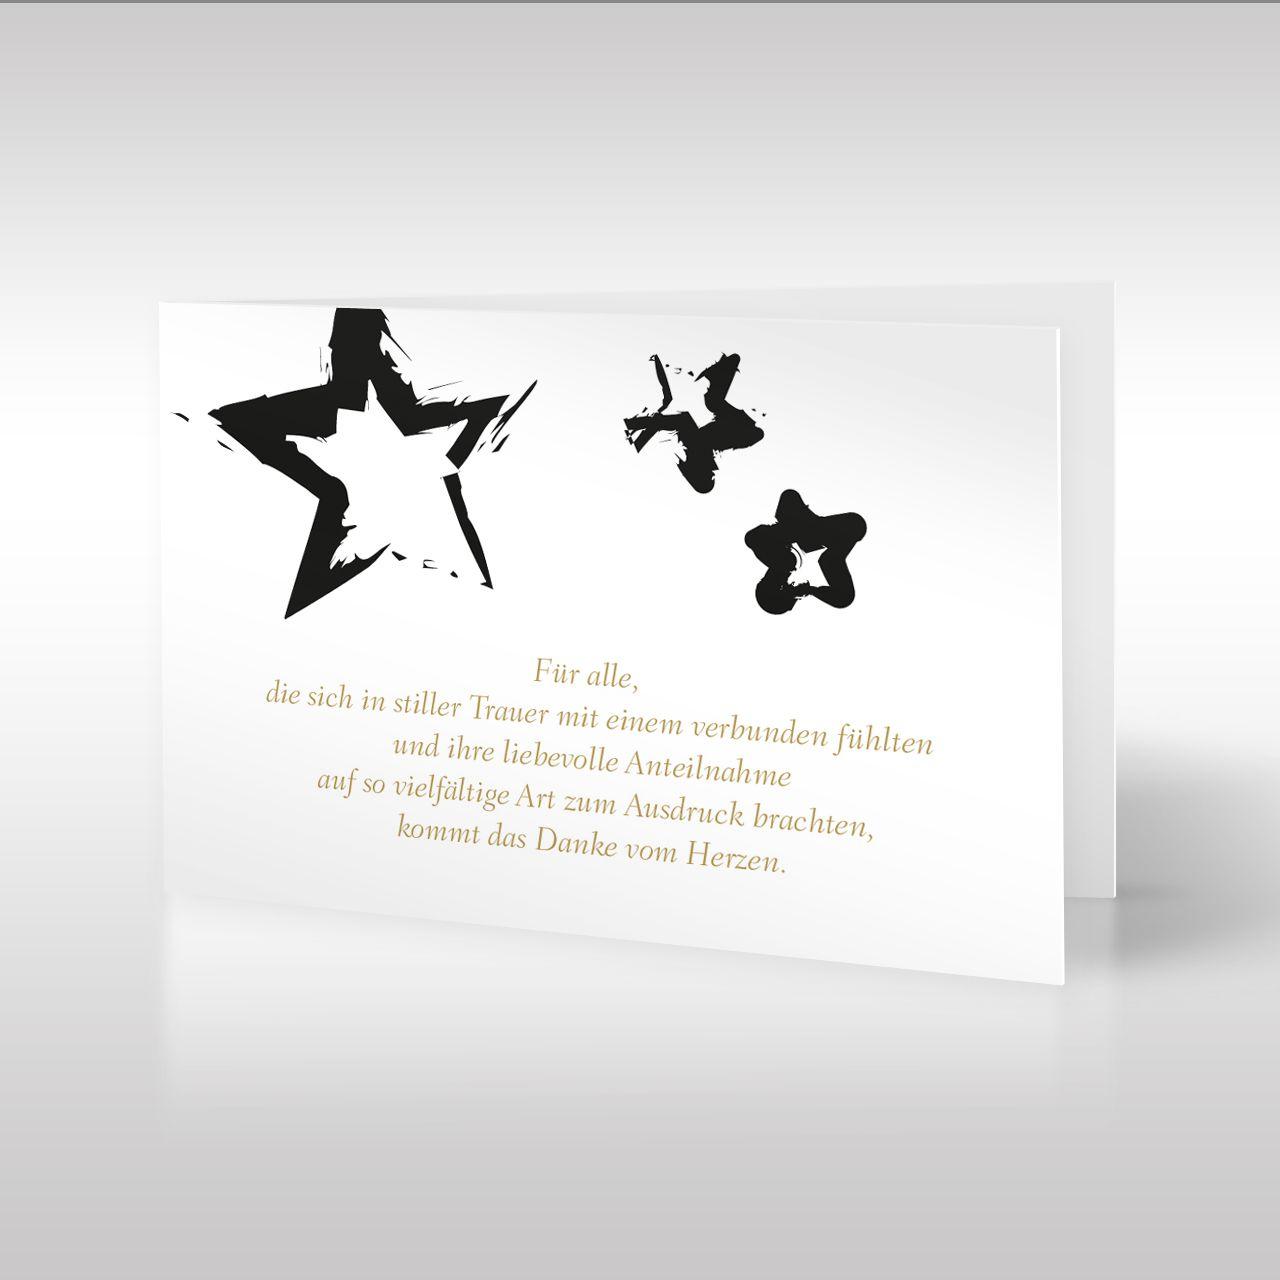 drei stern motive verzieren diese dankeskarte und bilden den rahmen f r das darunter stehende. Black Bedroom Furniture Sets. Home Design Ideas